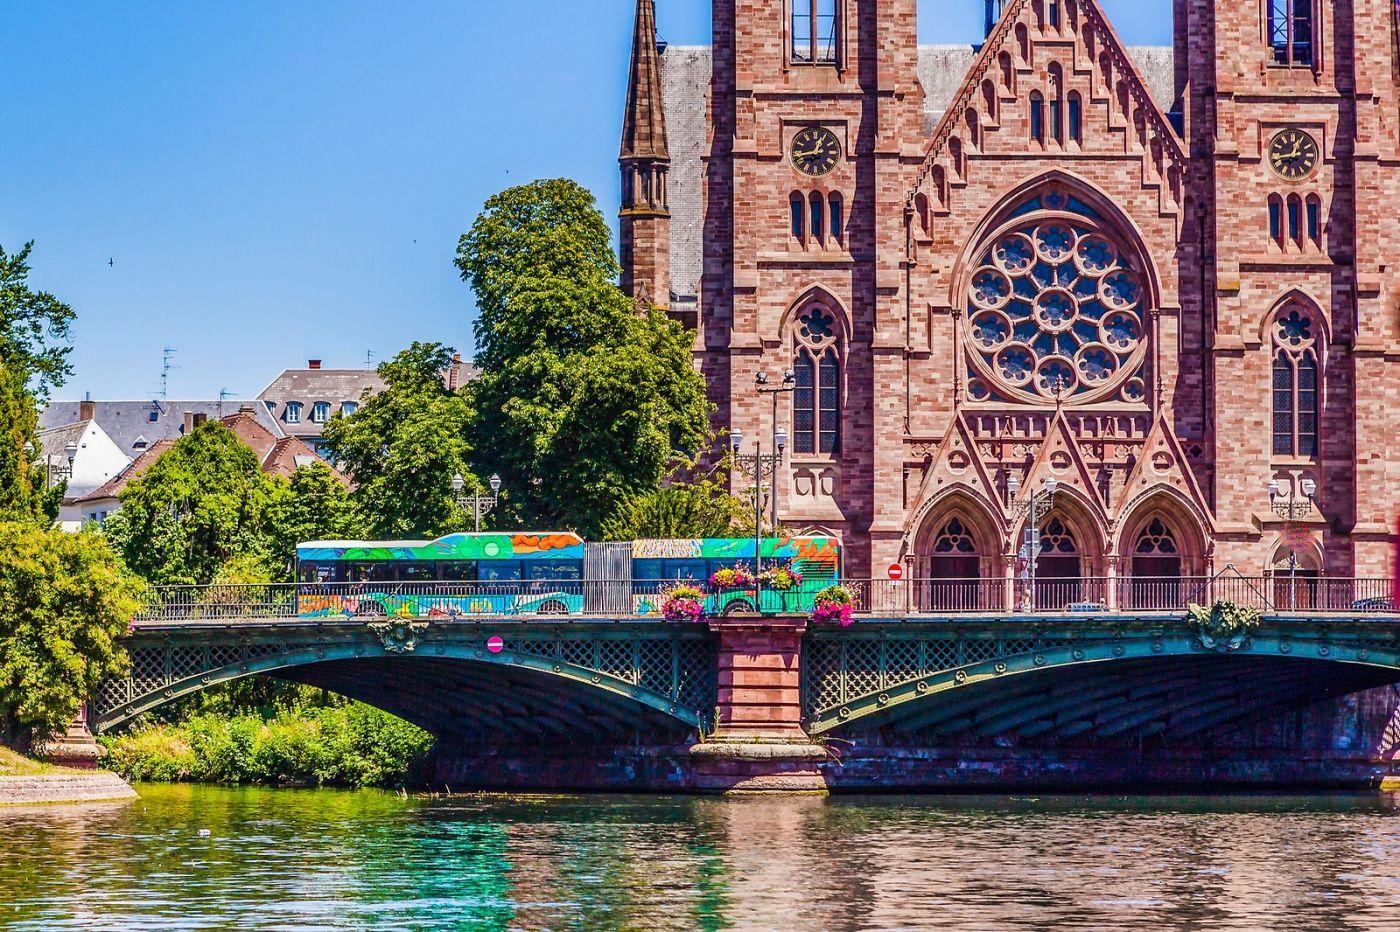 法国斯特拉斯堡(Strasbourg),八百年的主教堂_图1-6